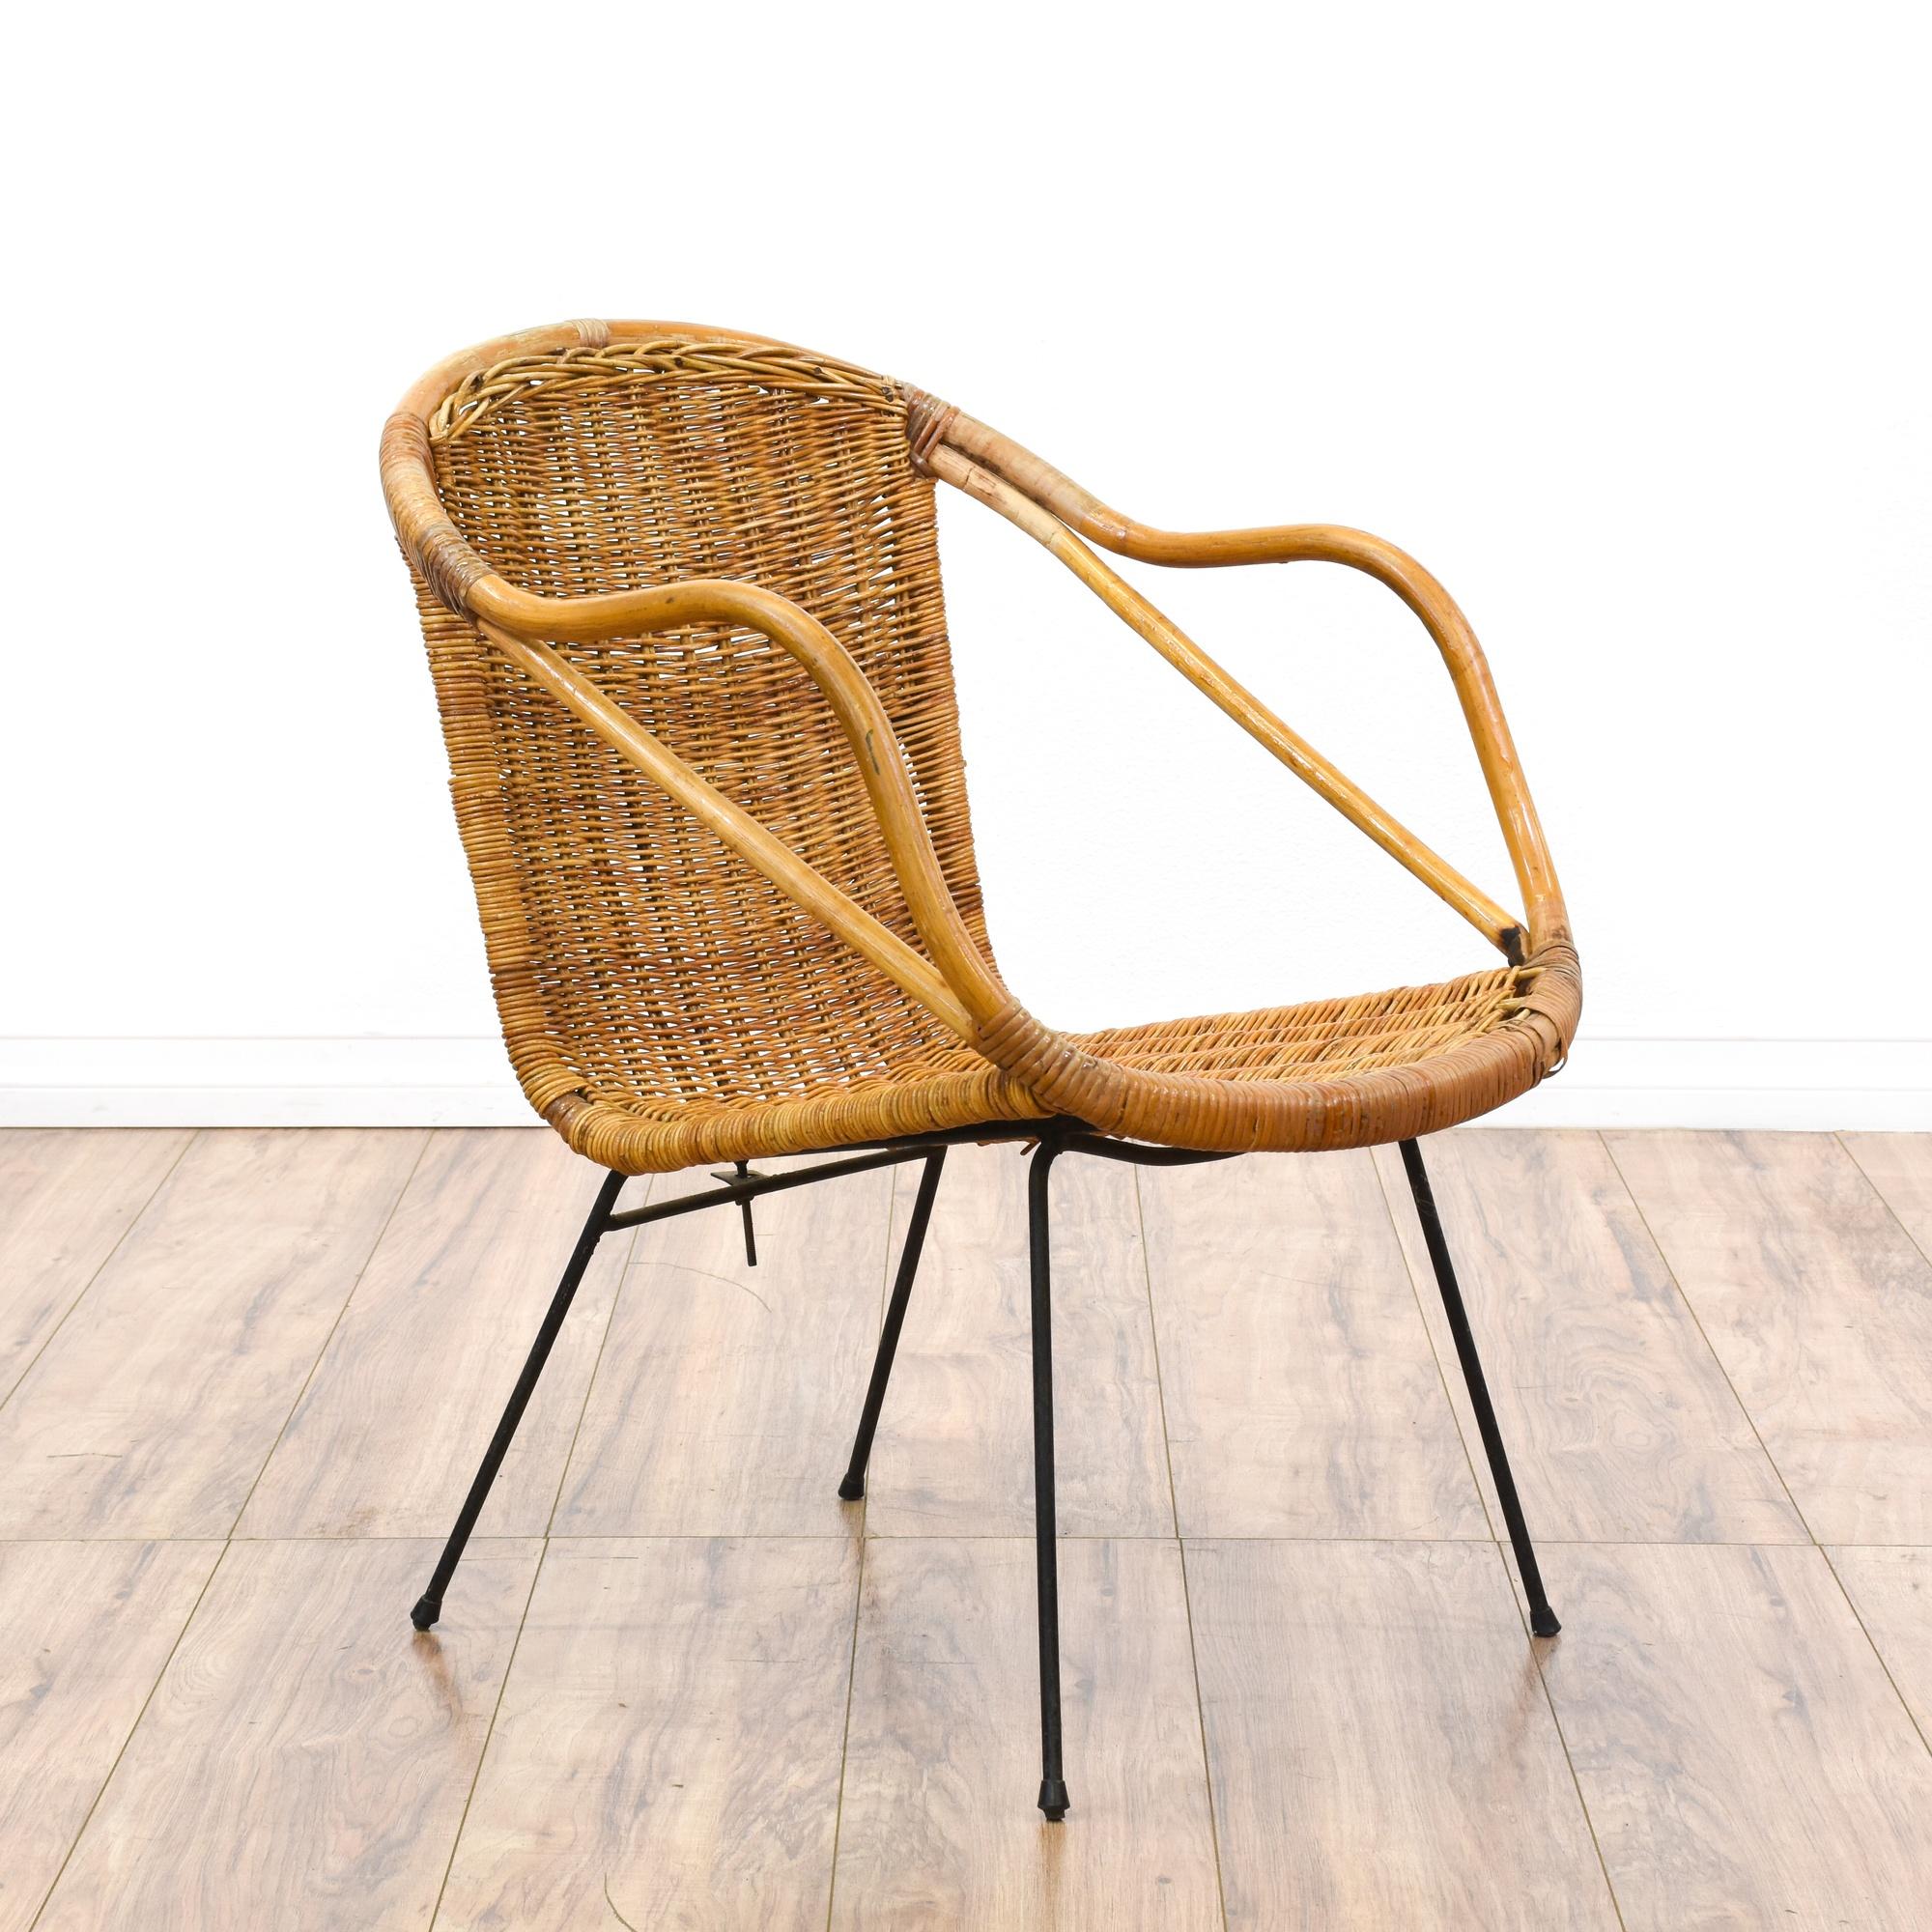 chair metal wire double basket papasan frame